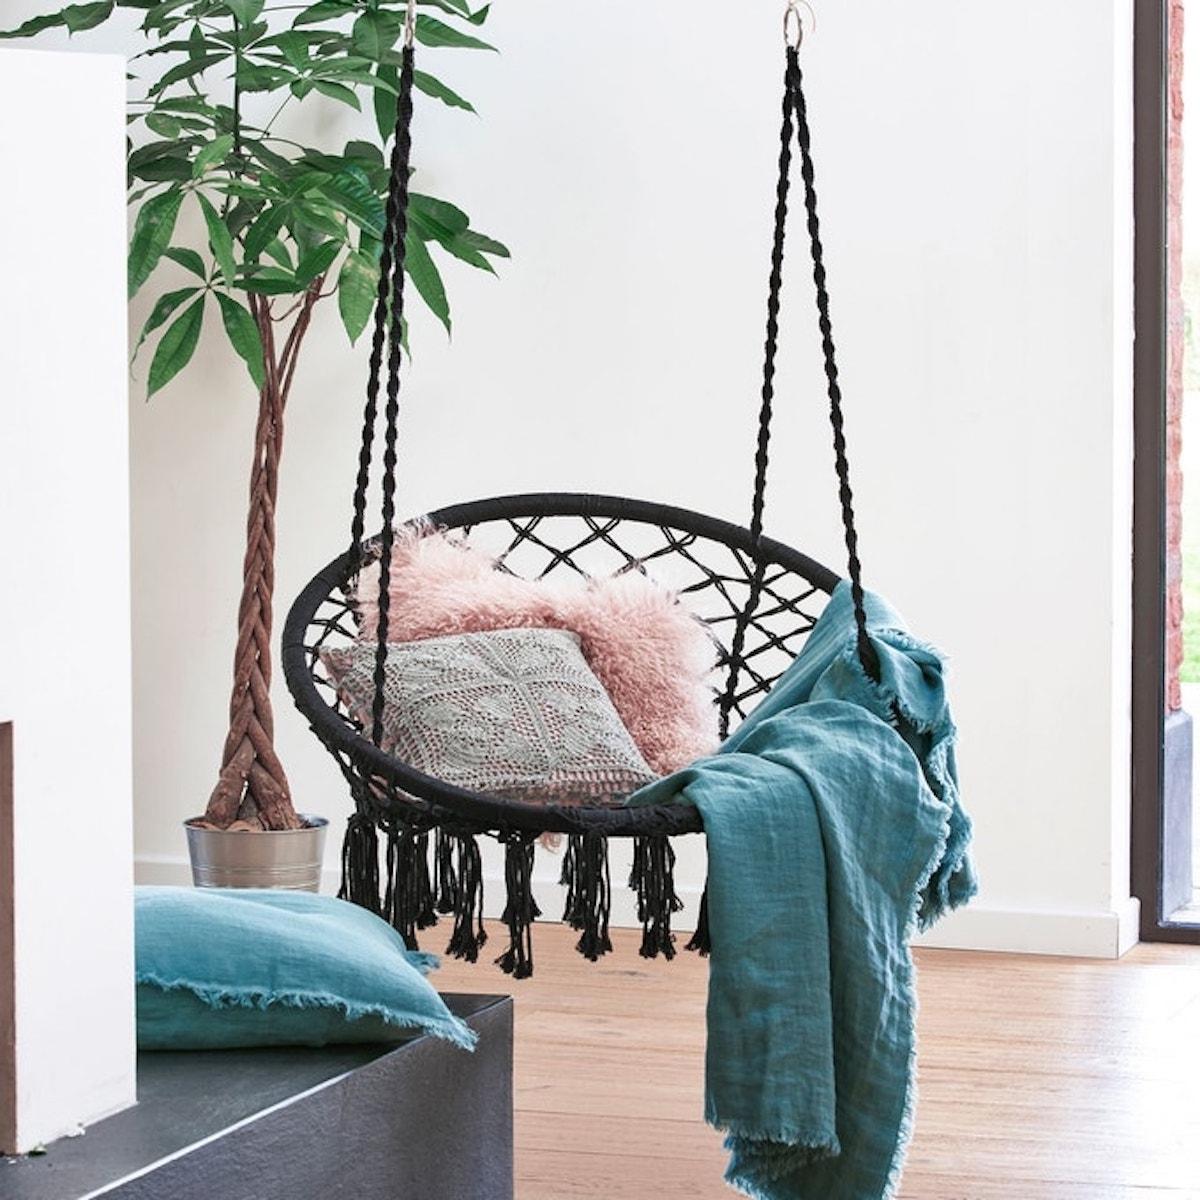 chaise hamac tressé noir pompon intérieur bohème - blog déco - clematc